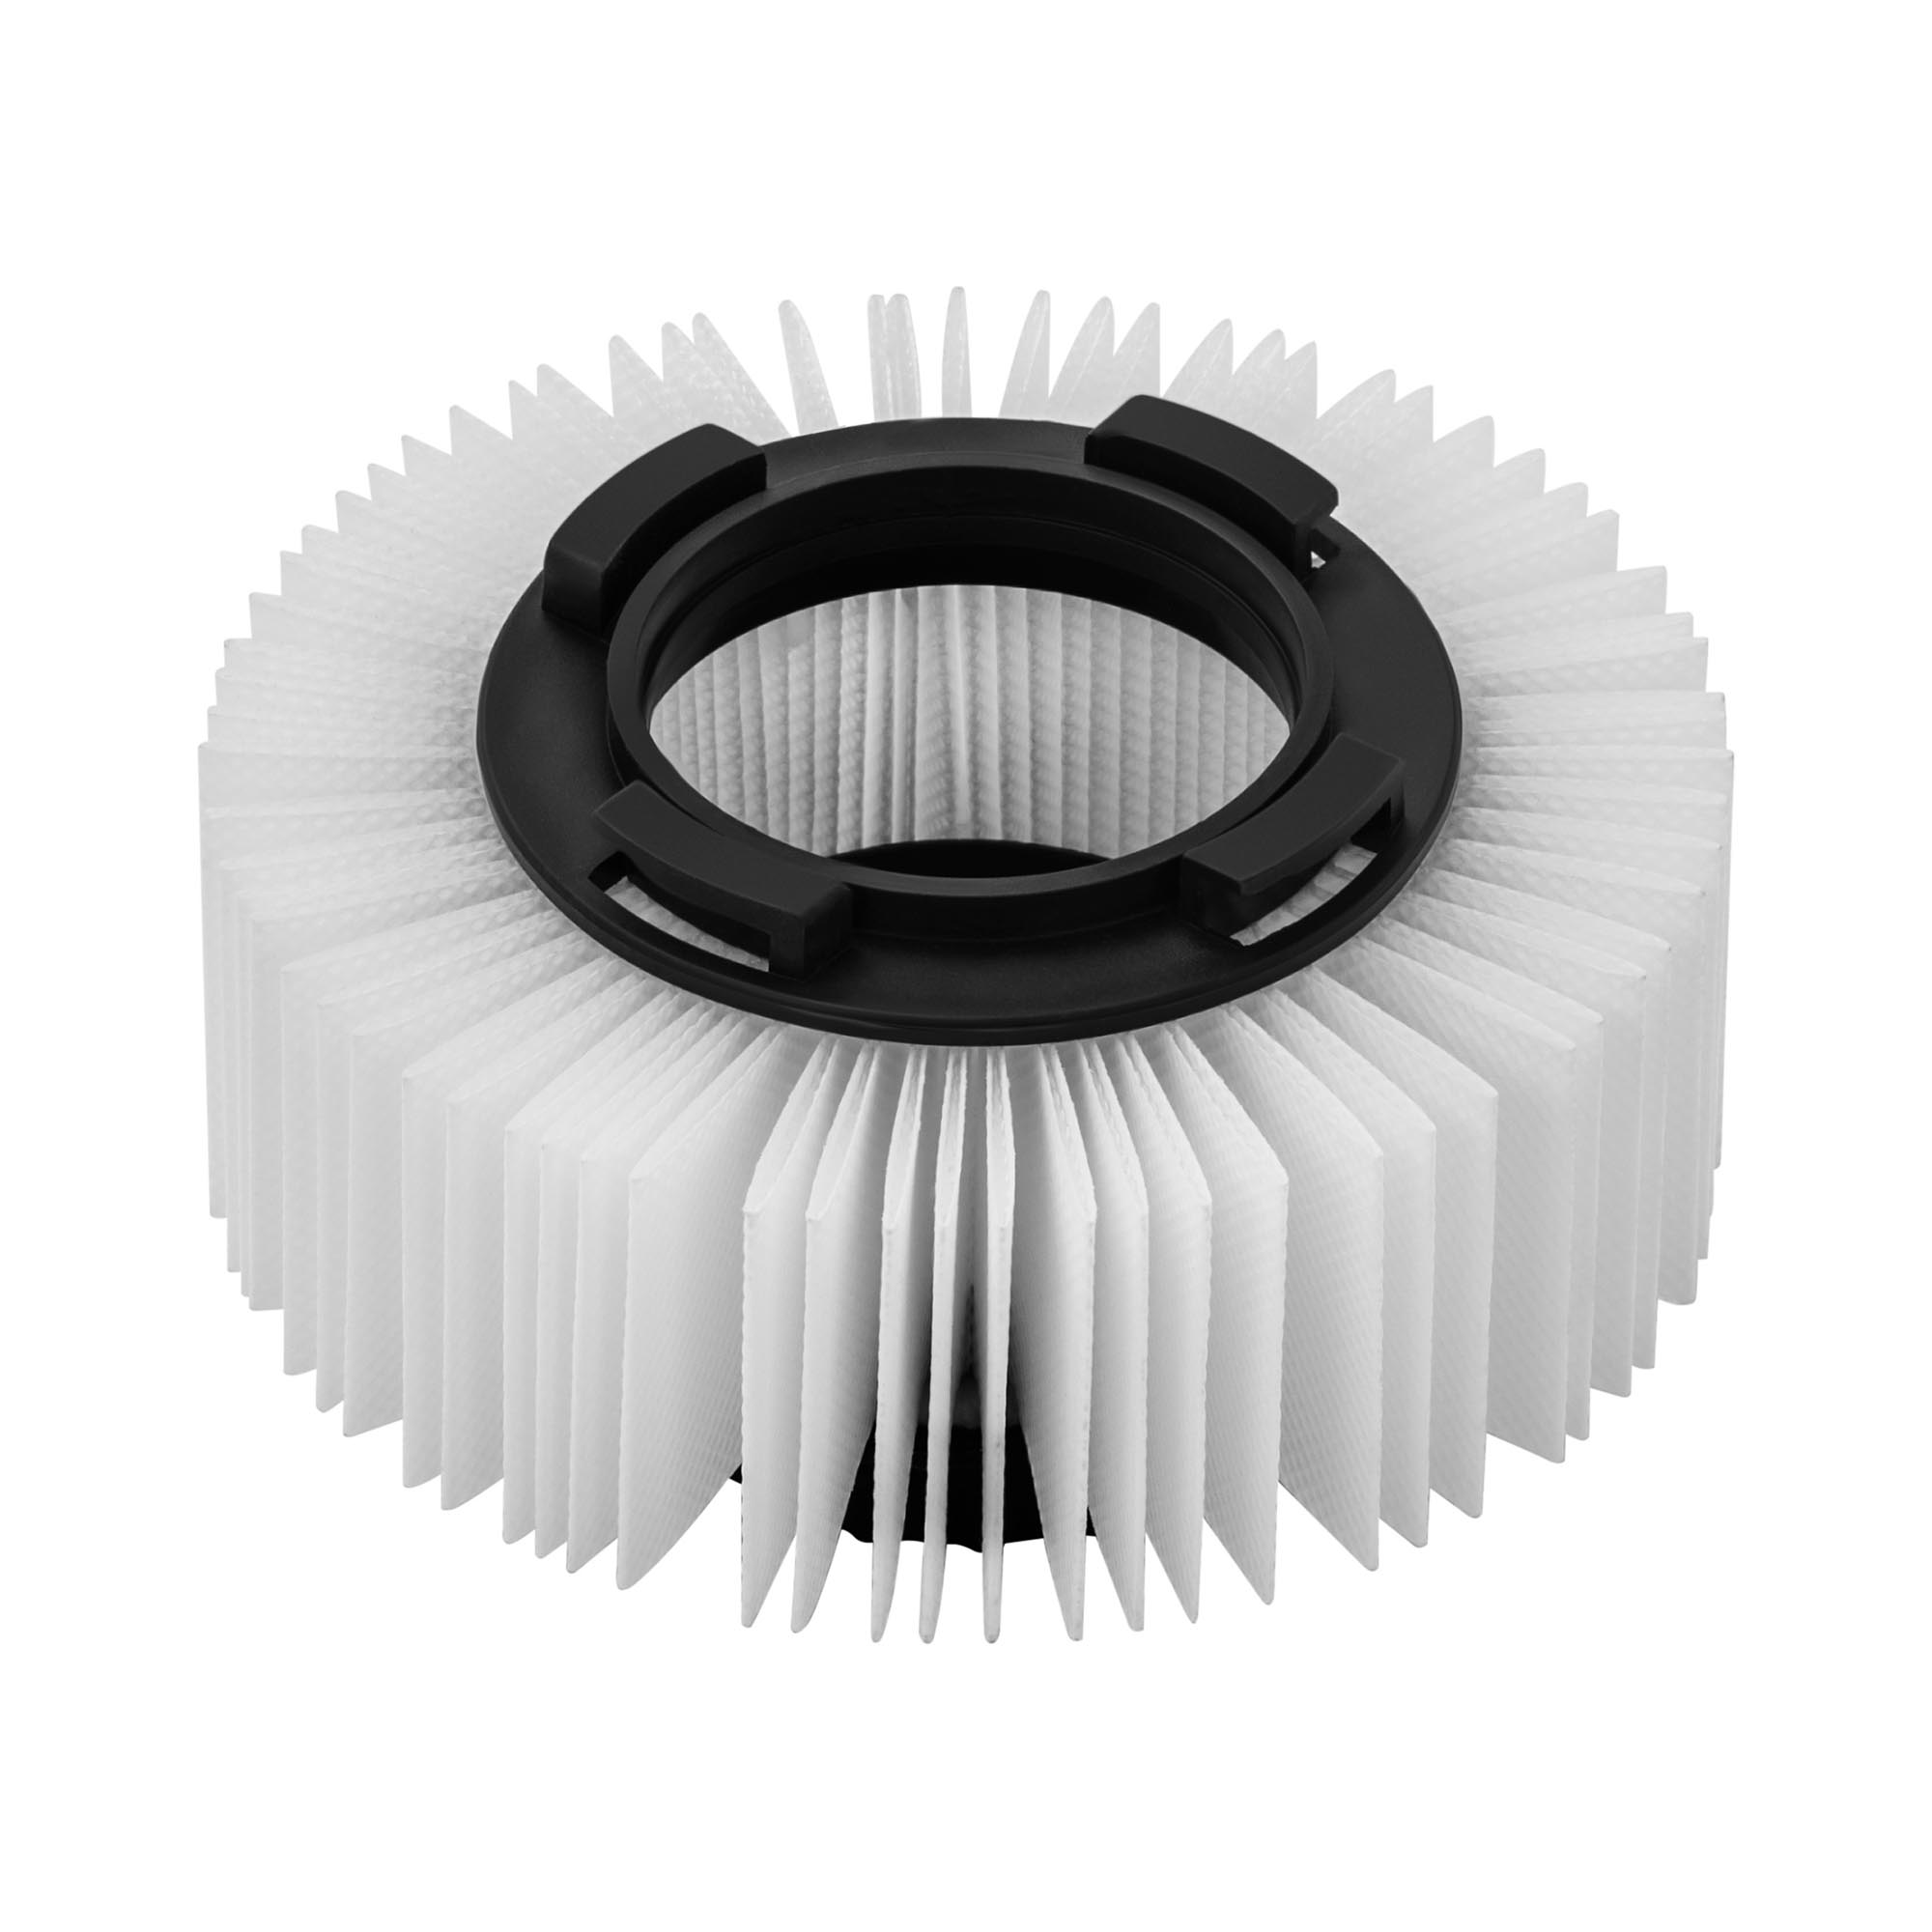 ulsonix Hepa Filter rund - mit Sicherheitsverschluss 10050179